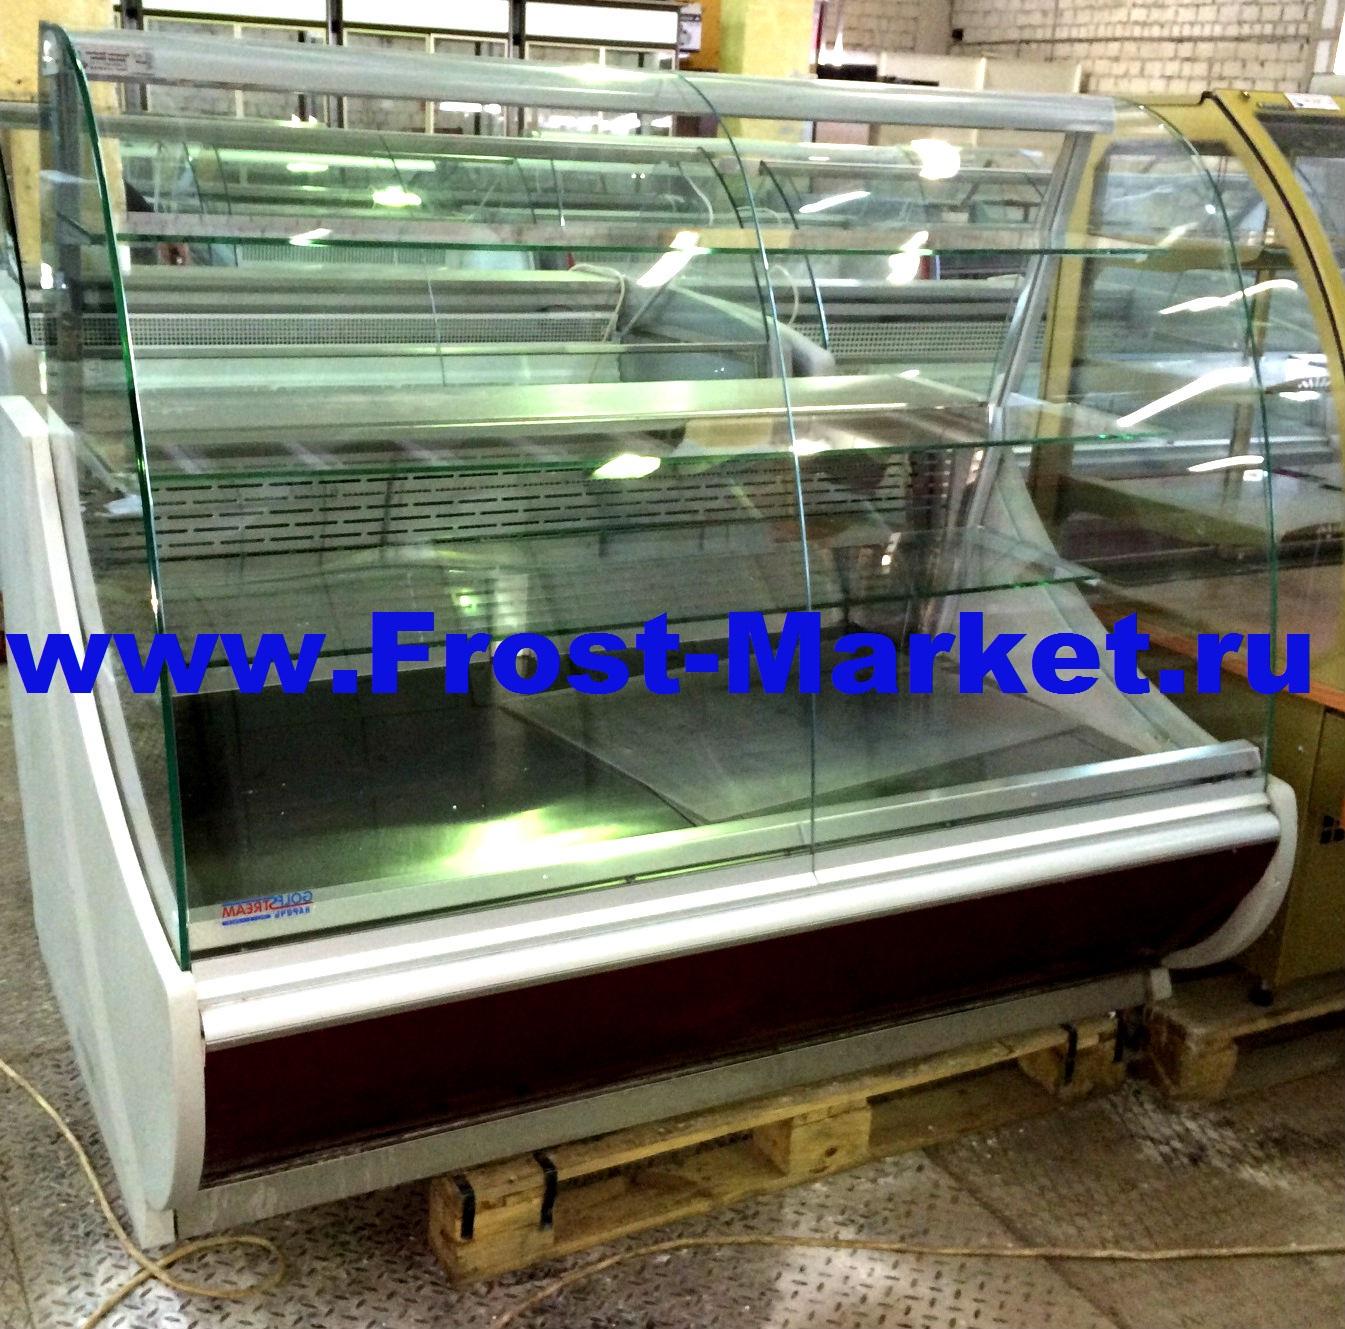 Витрина кондитерская холодильная б у Golfstream Нарочь 150 ВВК